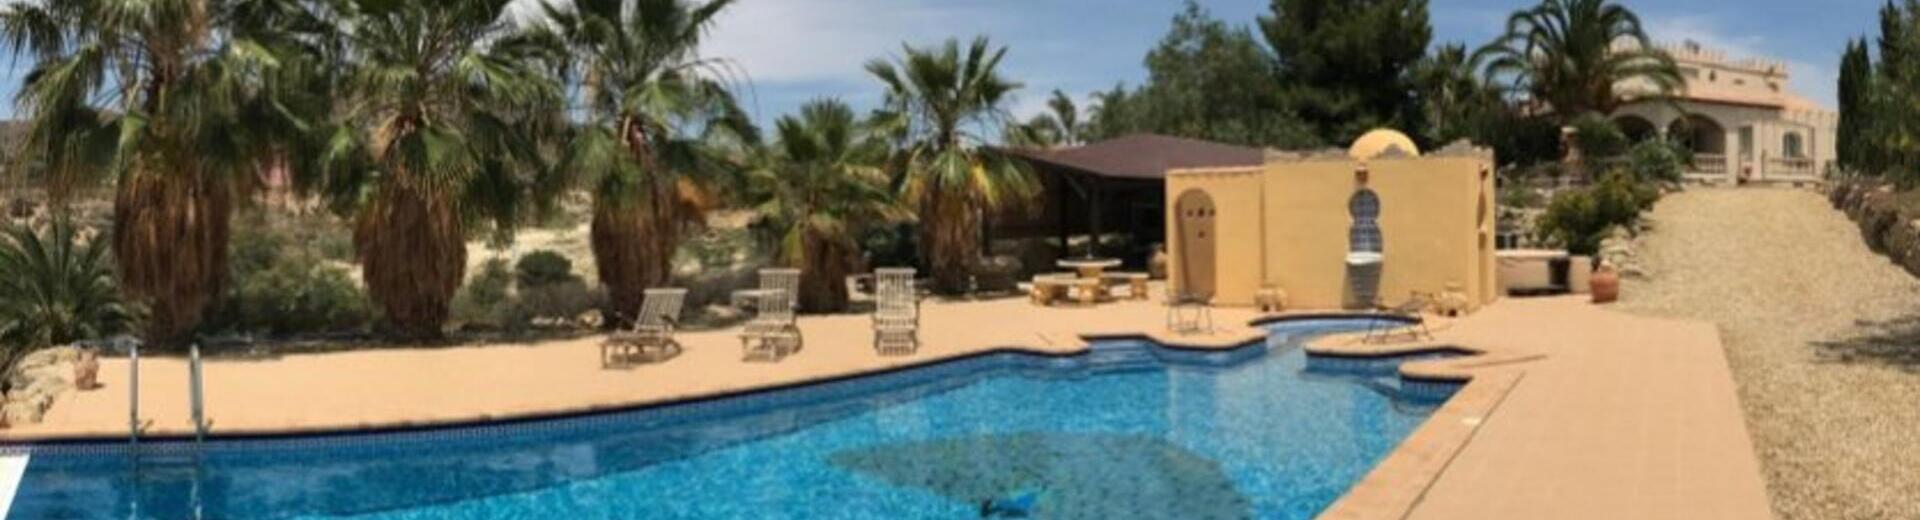 VIP7897: Villa en Venta